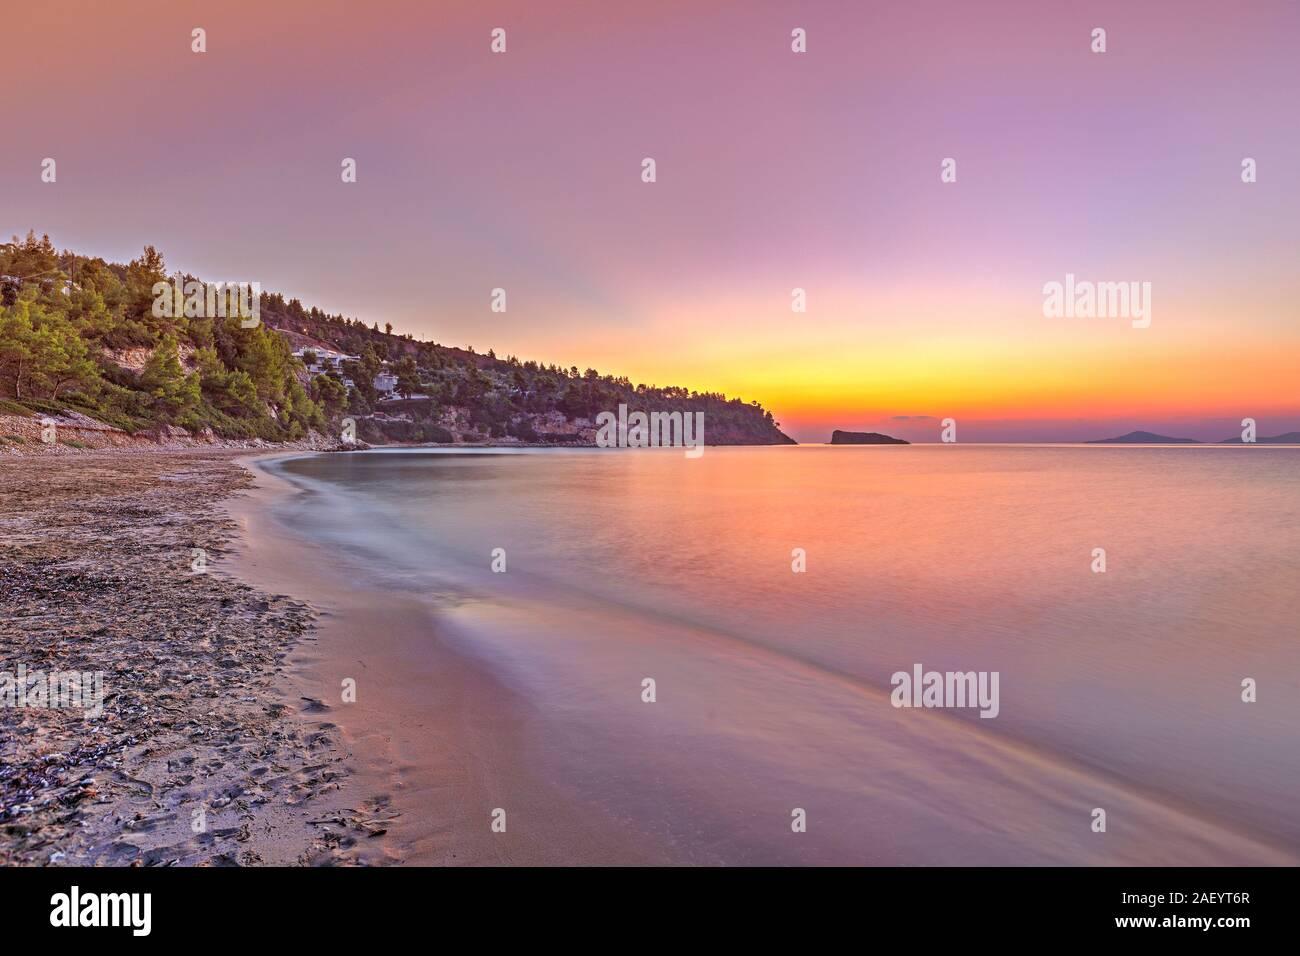 The sunrise at the beach Chrisi Milia of Alonissos island, Greece Stock Photo